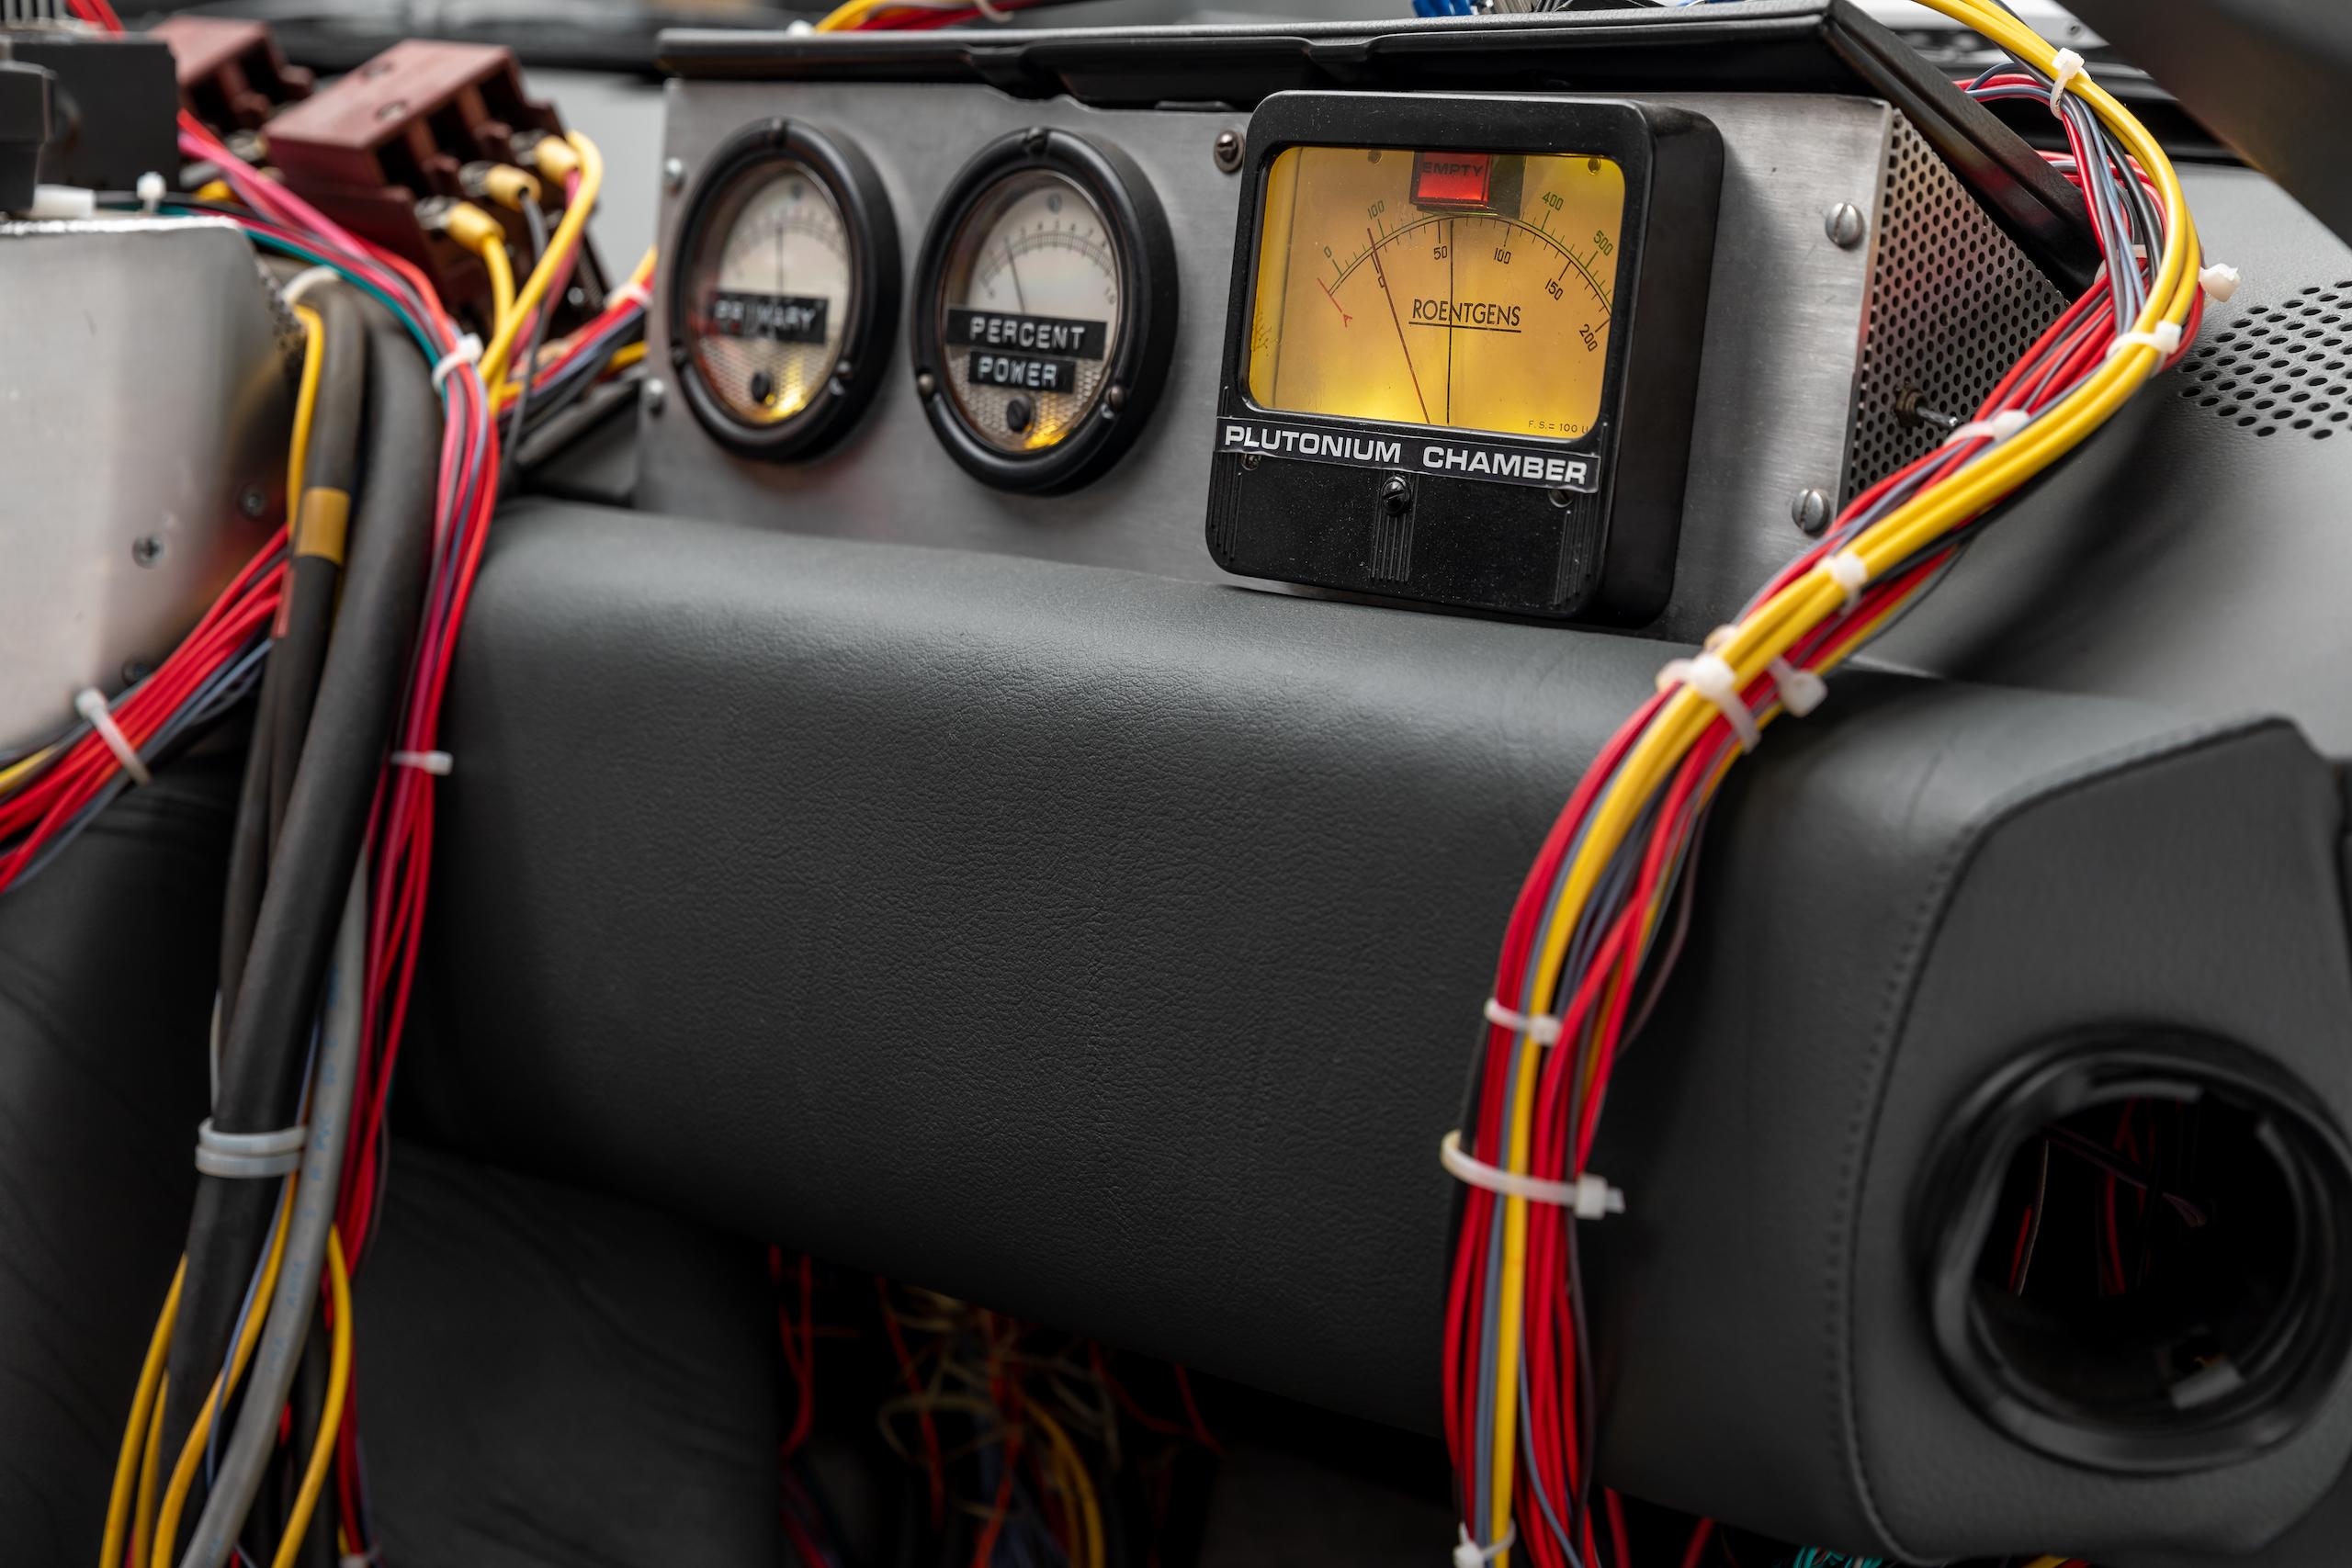 Back to Future DeLorean interior gauges